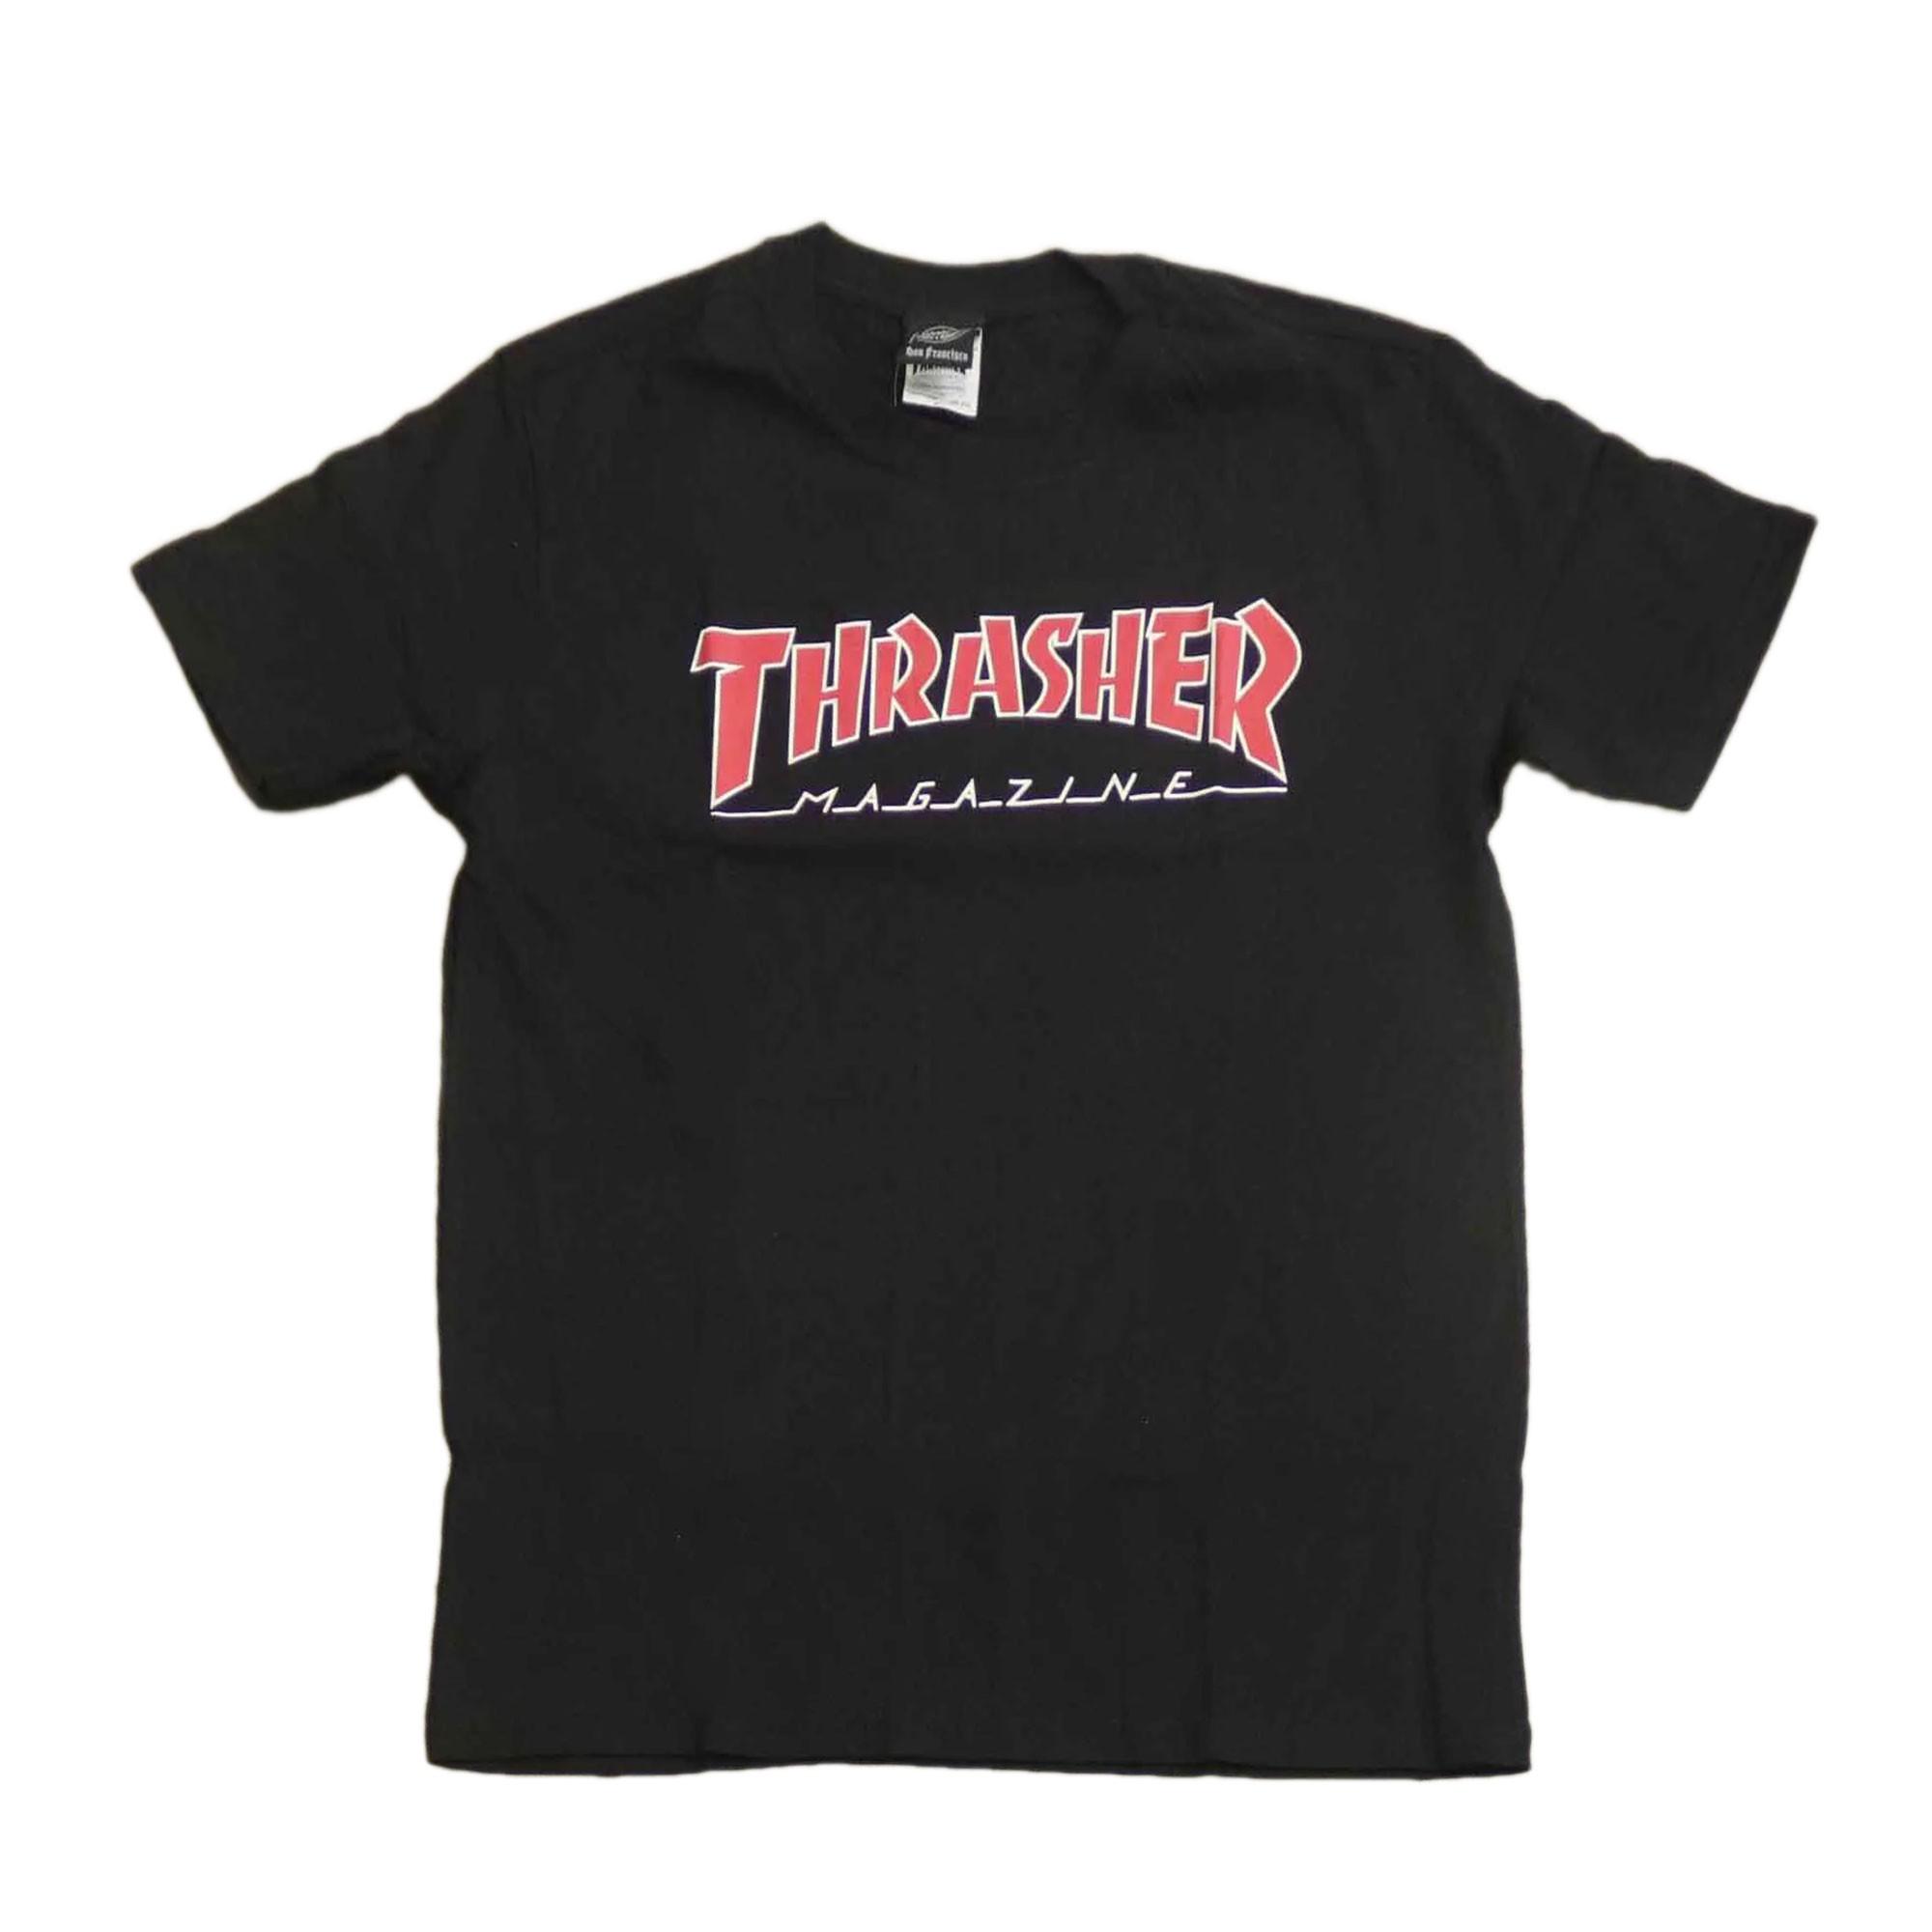 CAMISETA THRASHER 1013020003 - PTO/VRM